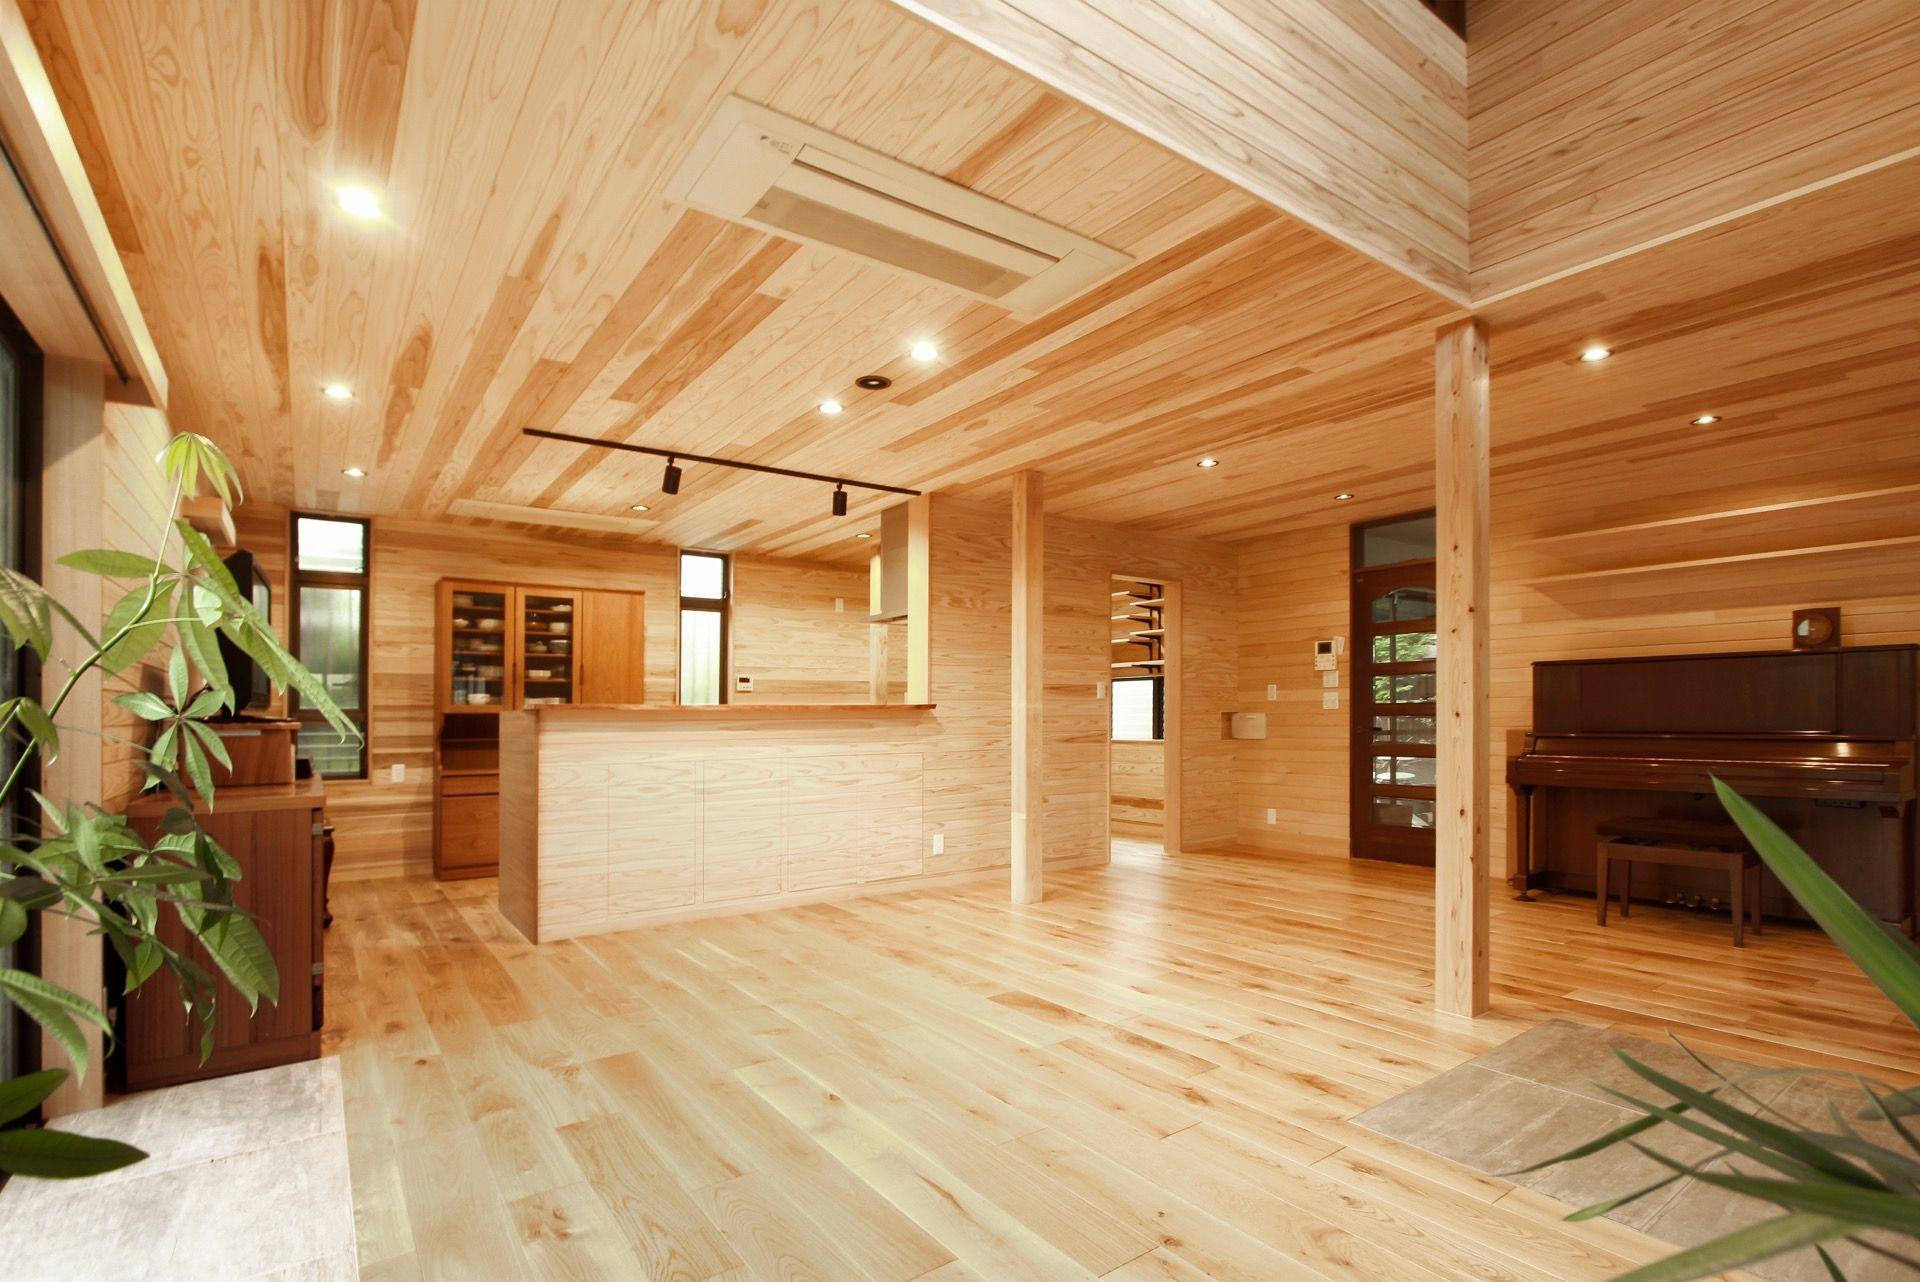 床 壁 天井が無垢の木に包まれた山小屋風リノベーション 天井 壁